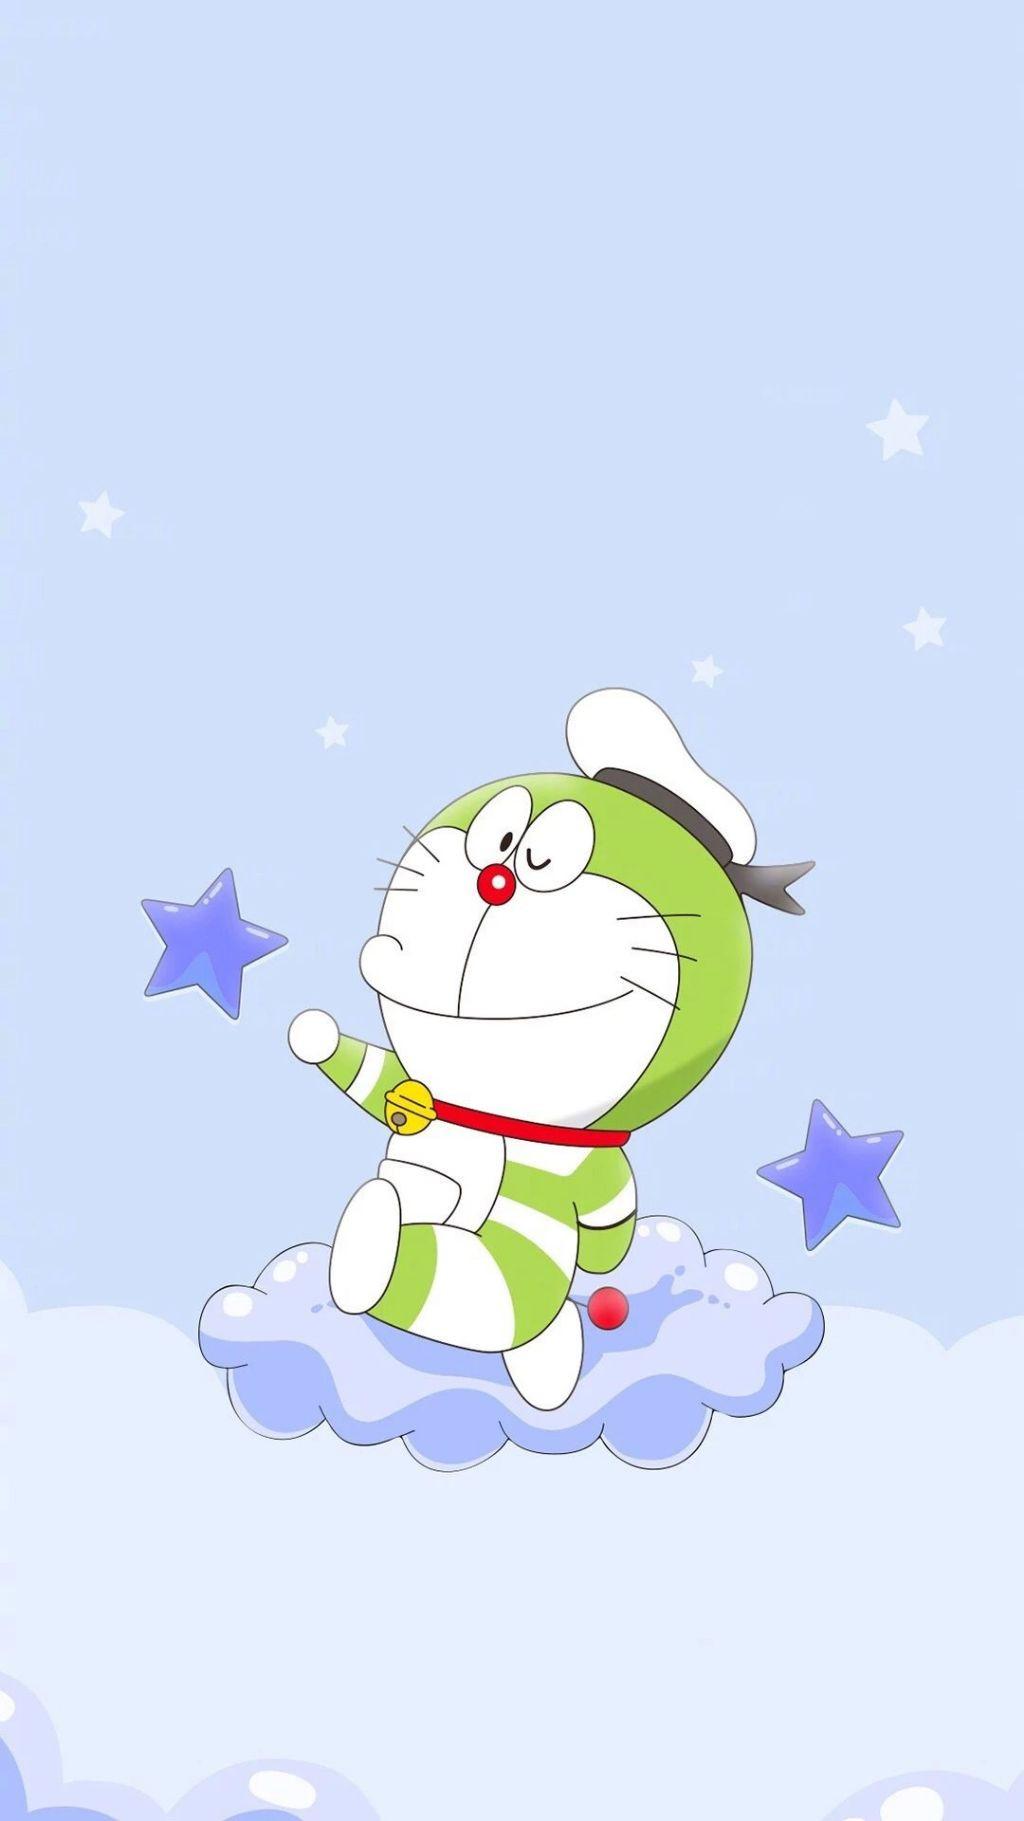 哆啦A梦壁纸:可爱哆啦A梦蓝胖子手机壁纸插图39